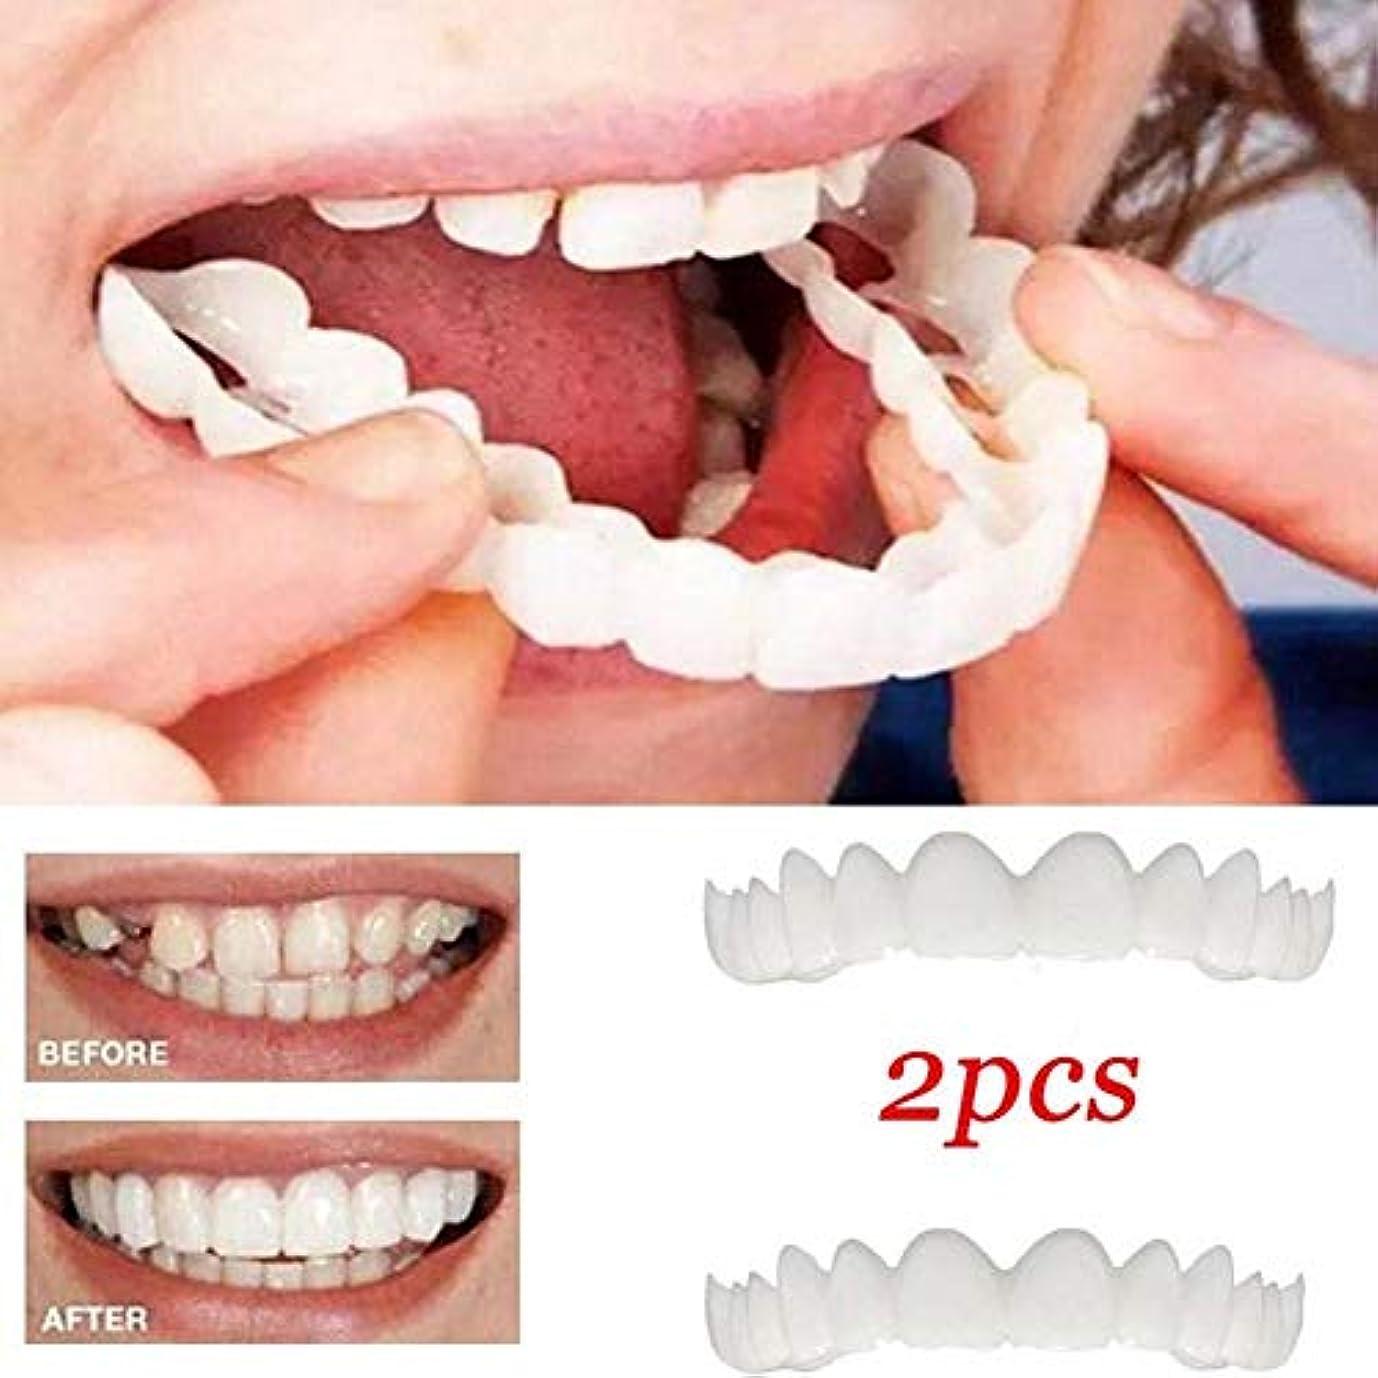 ユニセックスシリコンシミュレーション義歯、ホワイトニングフィット義歯(上下の歯のセット),A